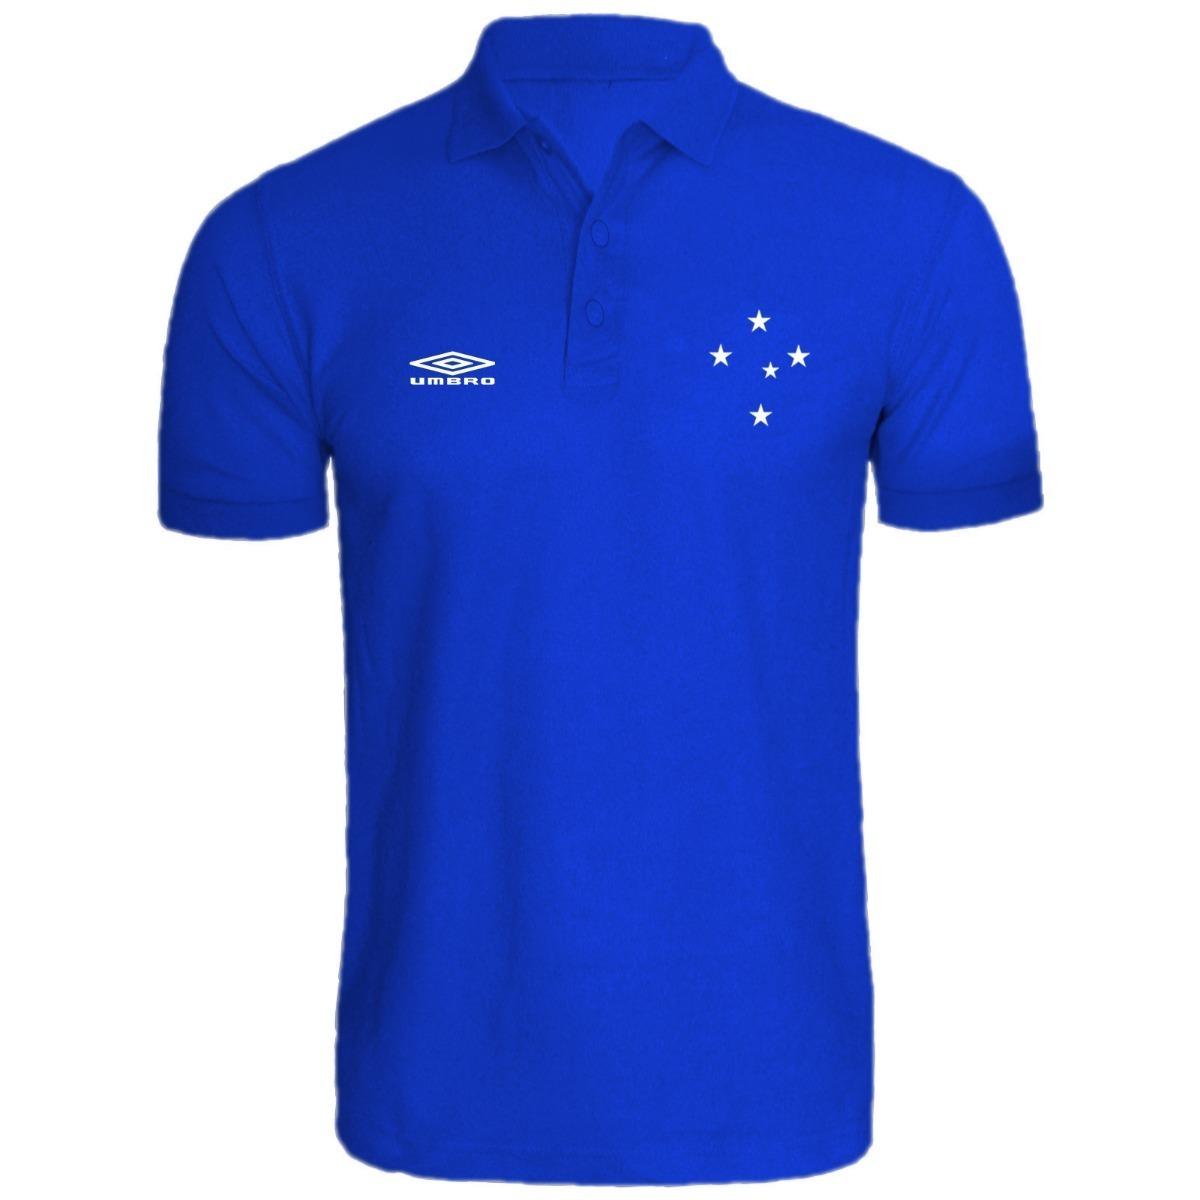 5214f0d39f Camisa Camiseta Polo Cruzeiro Fc Lançamento - R  45